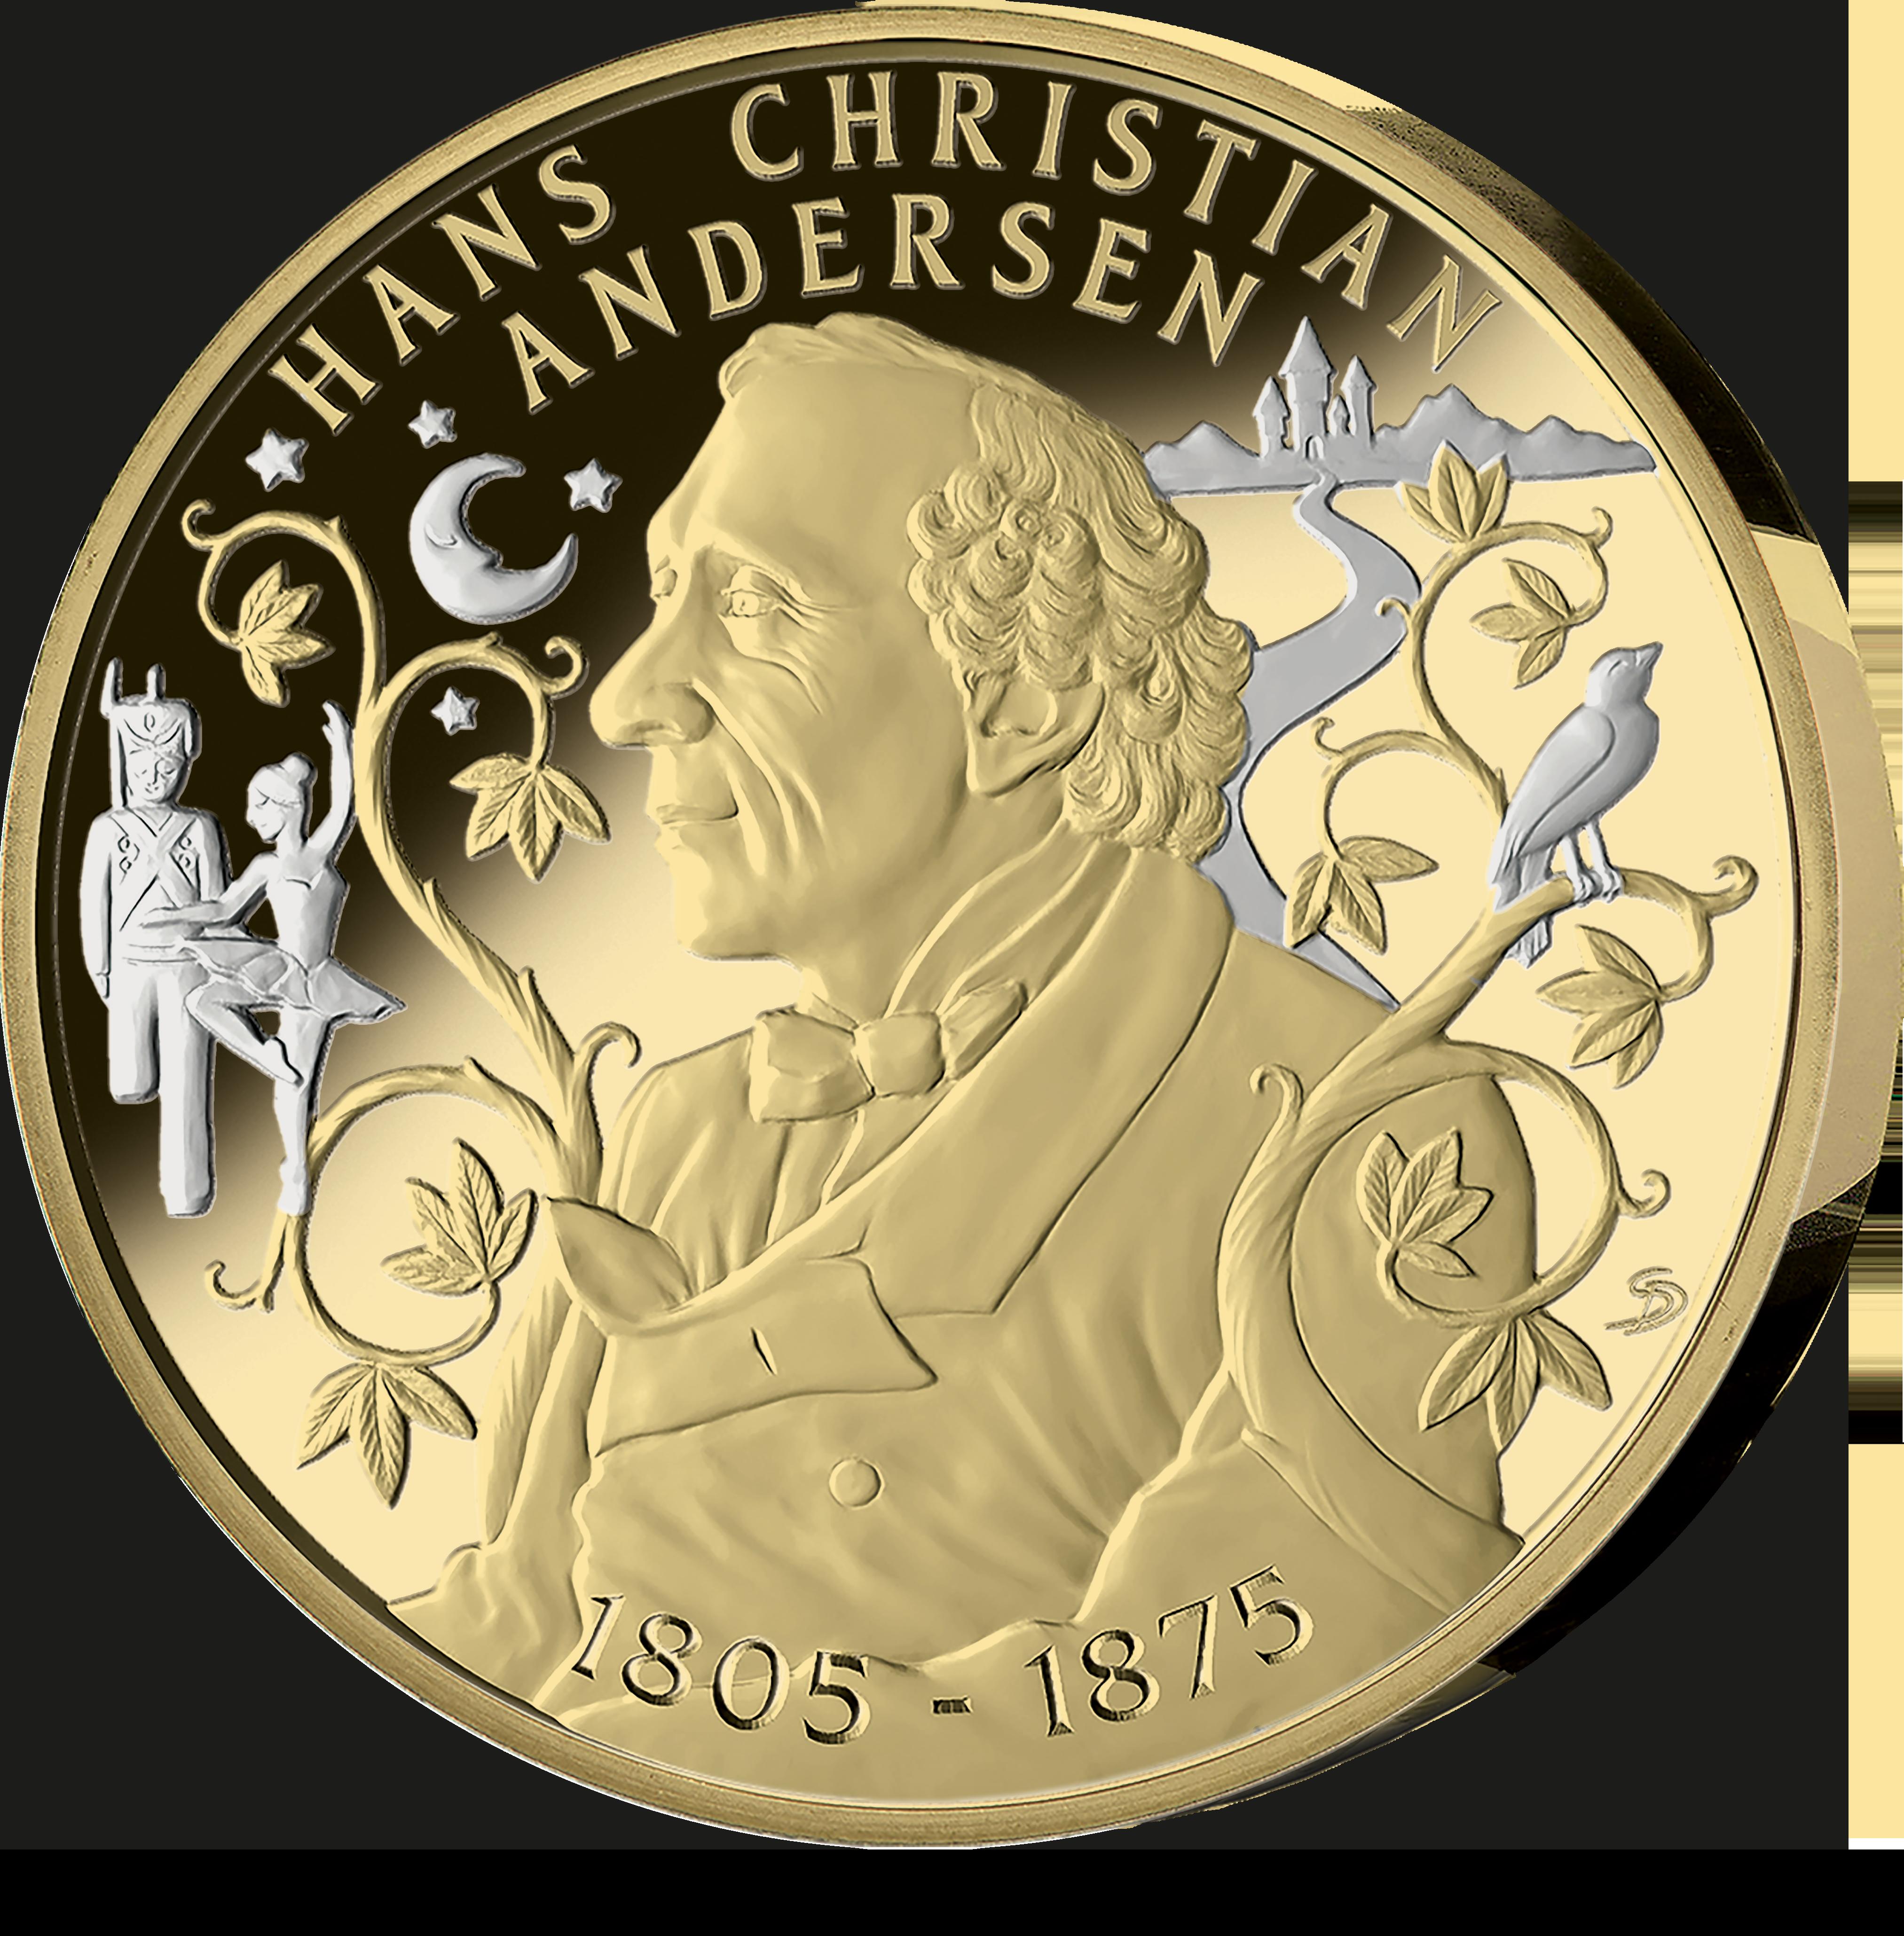 """En forgyldt erindringsmedaljen """"Vor tid er eventyrets tid"""" med H.C. Andersen præget i høj kvalitet (brillant ucirkuleret)"""